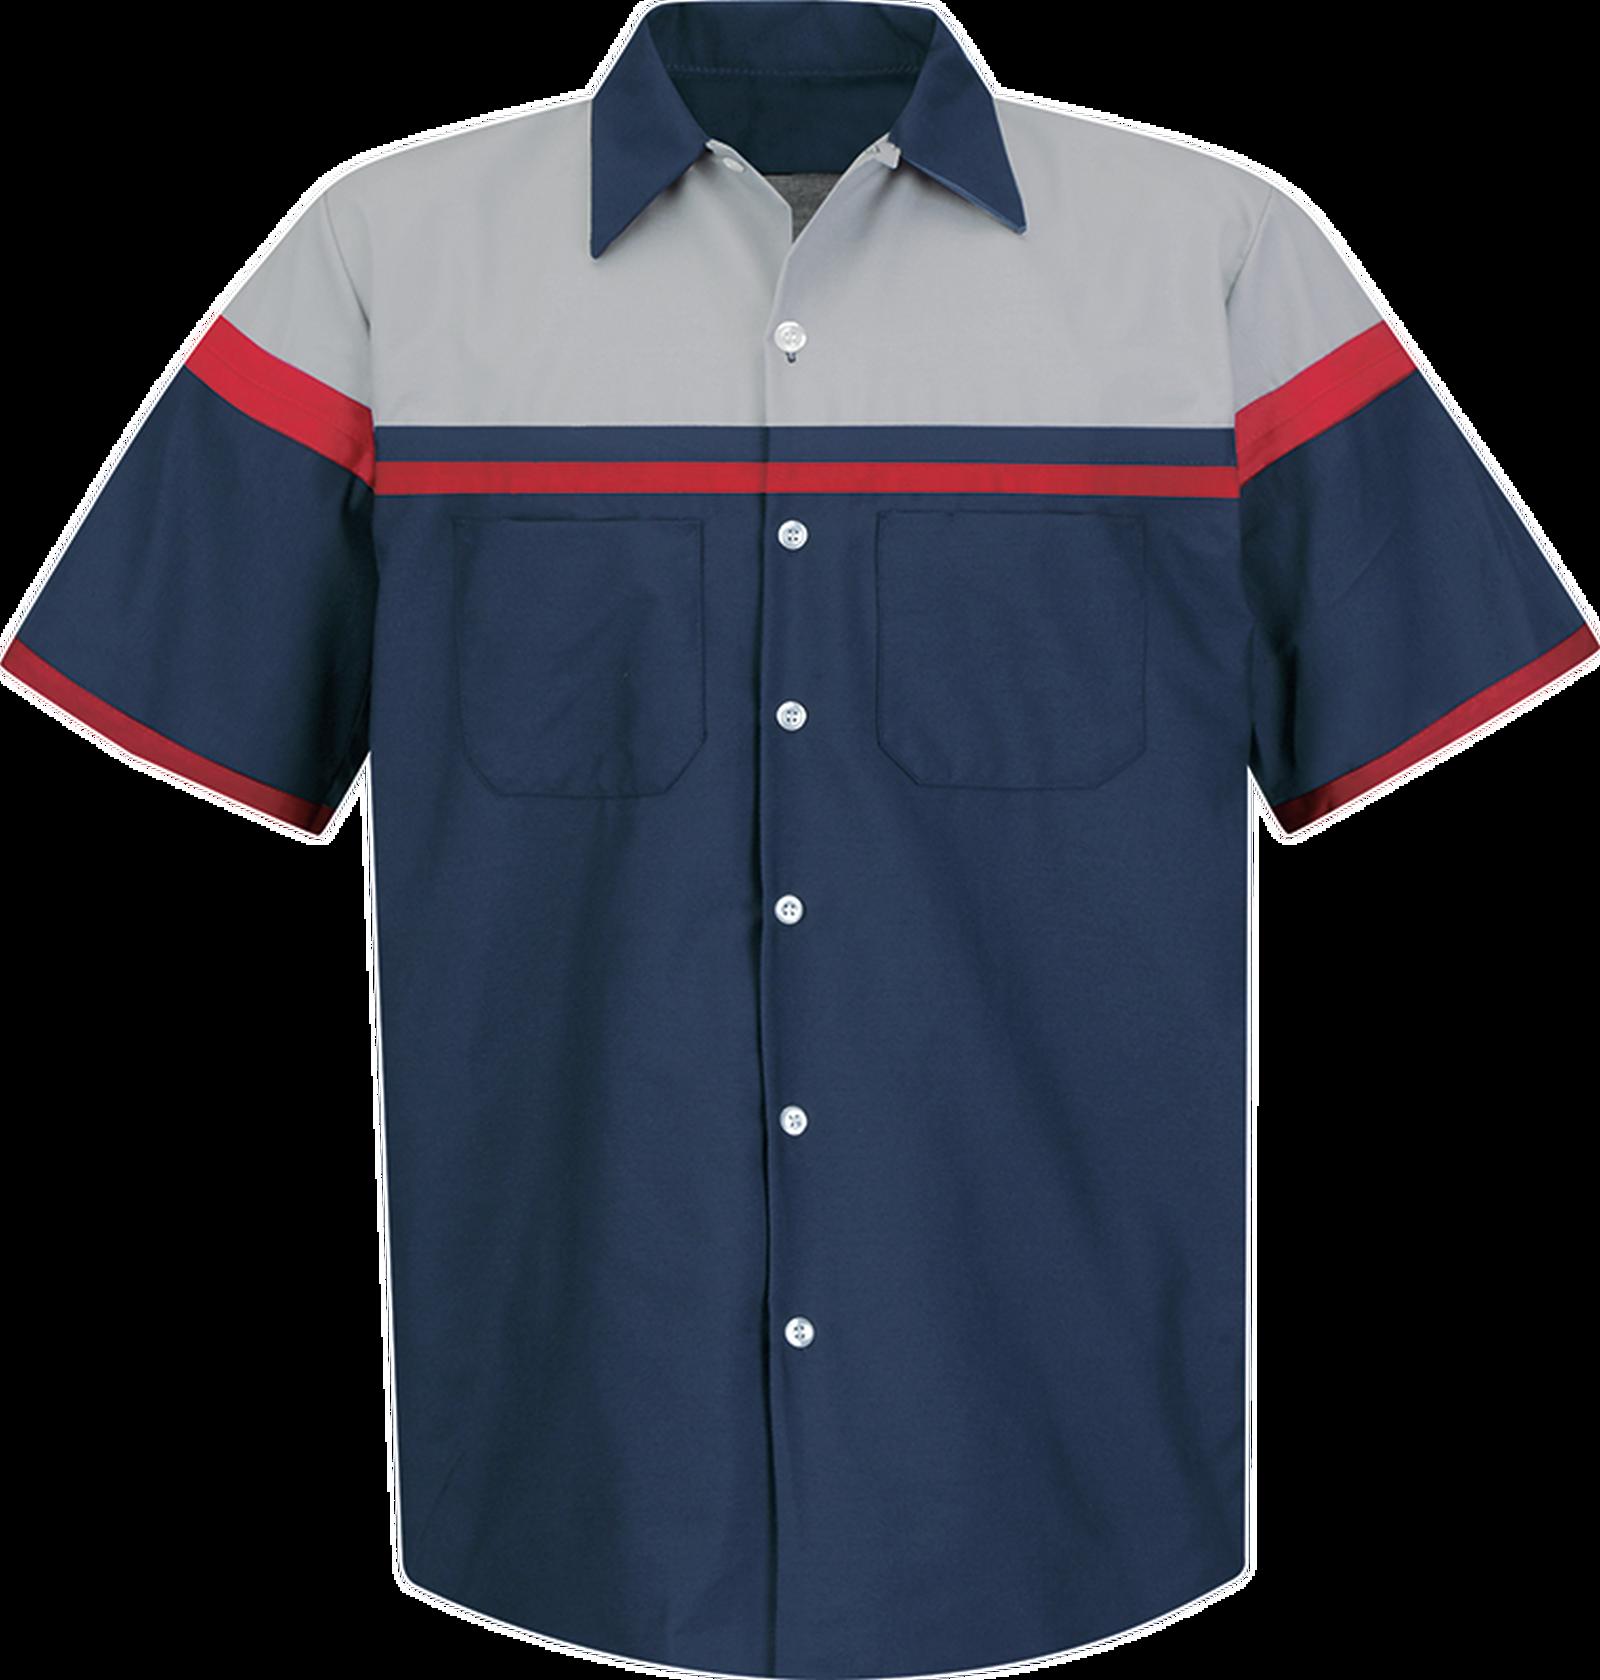 Men's Short Sleeve Performance Tech Shirt